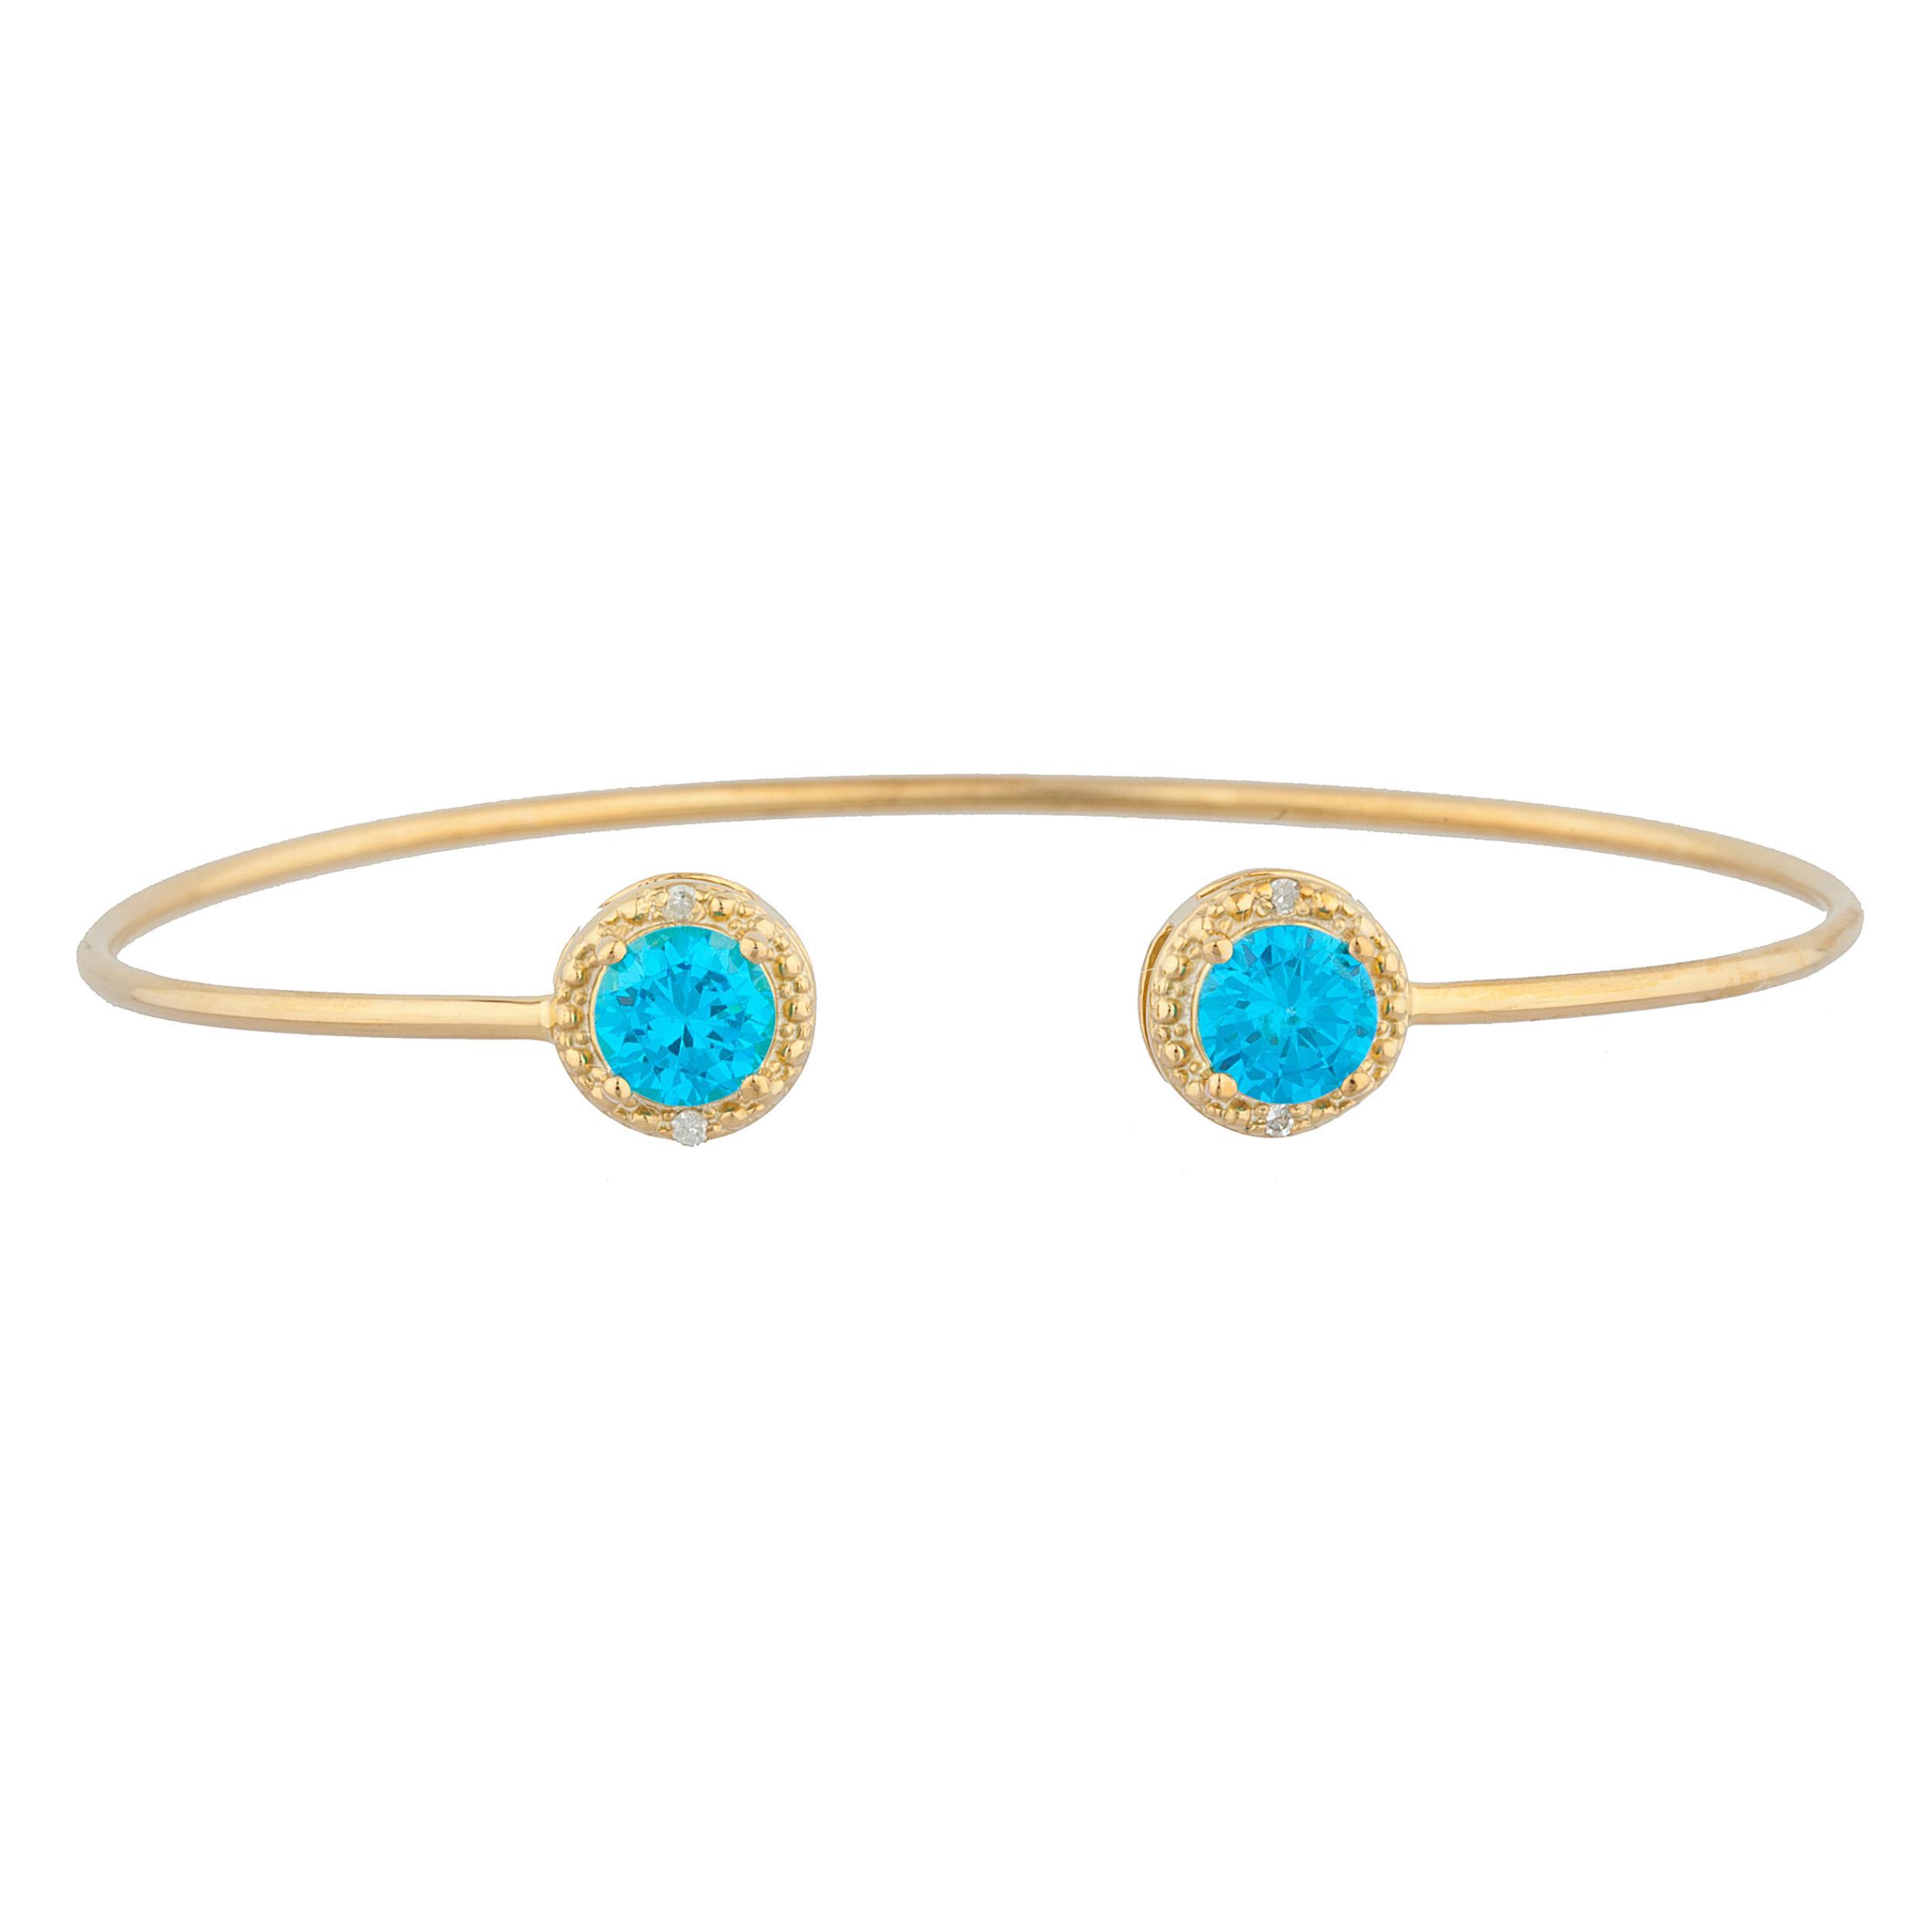 14Kt Yellow Gold Plated Swiss Blue Topaz & Diamond Round Bangle Bracelet by Elizabeth Jewelry Inc